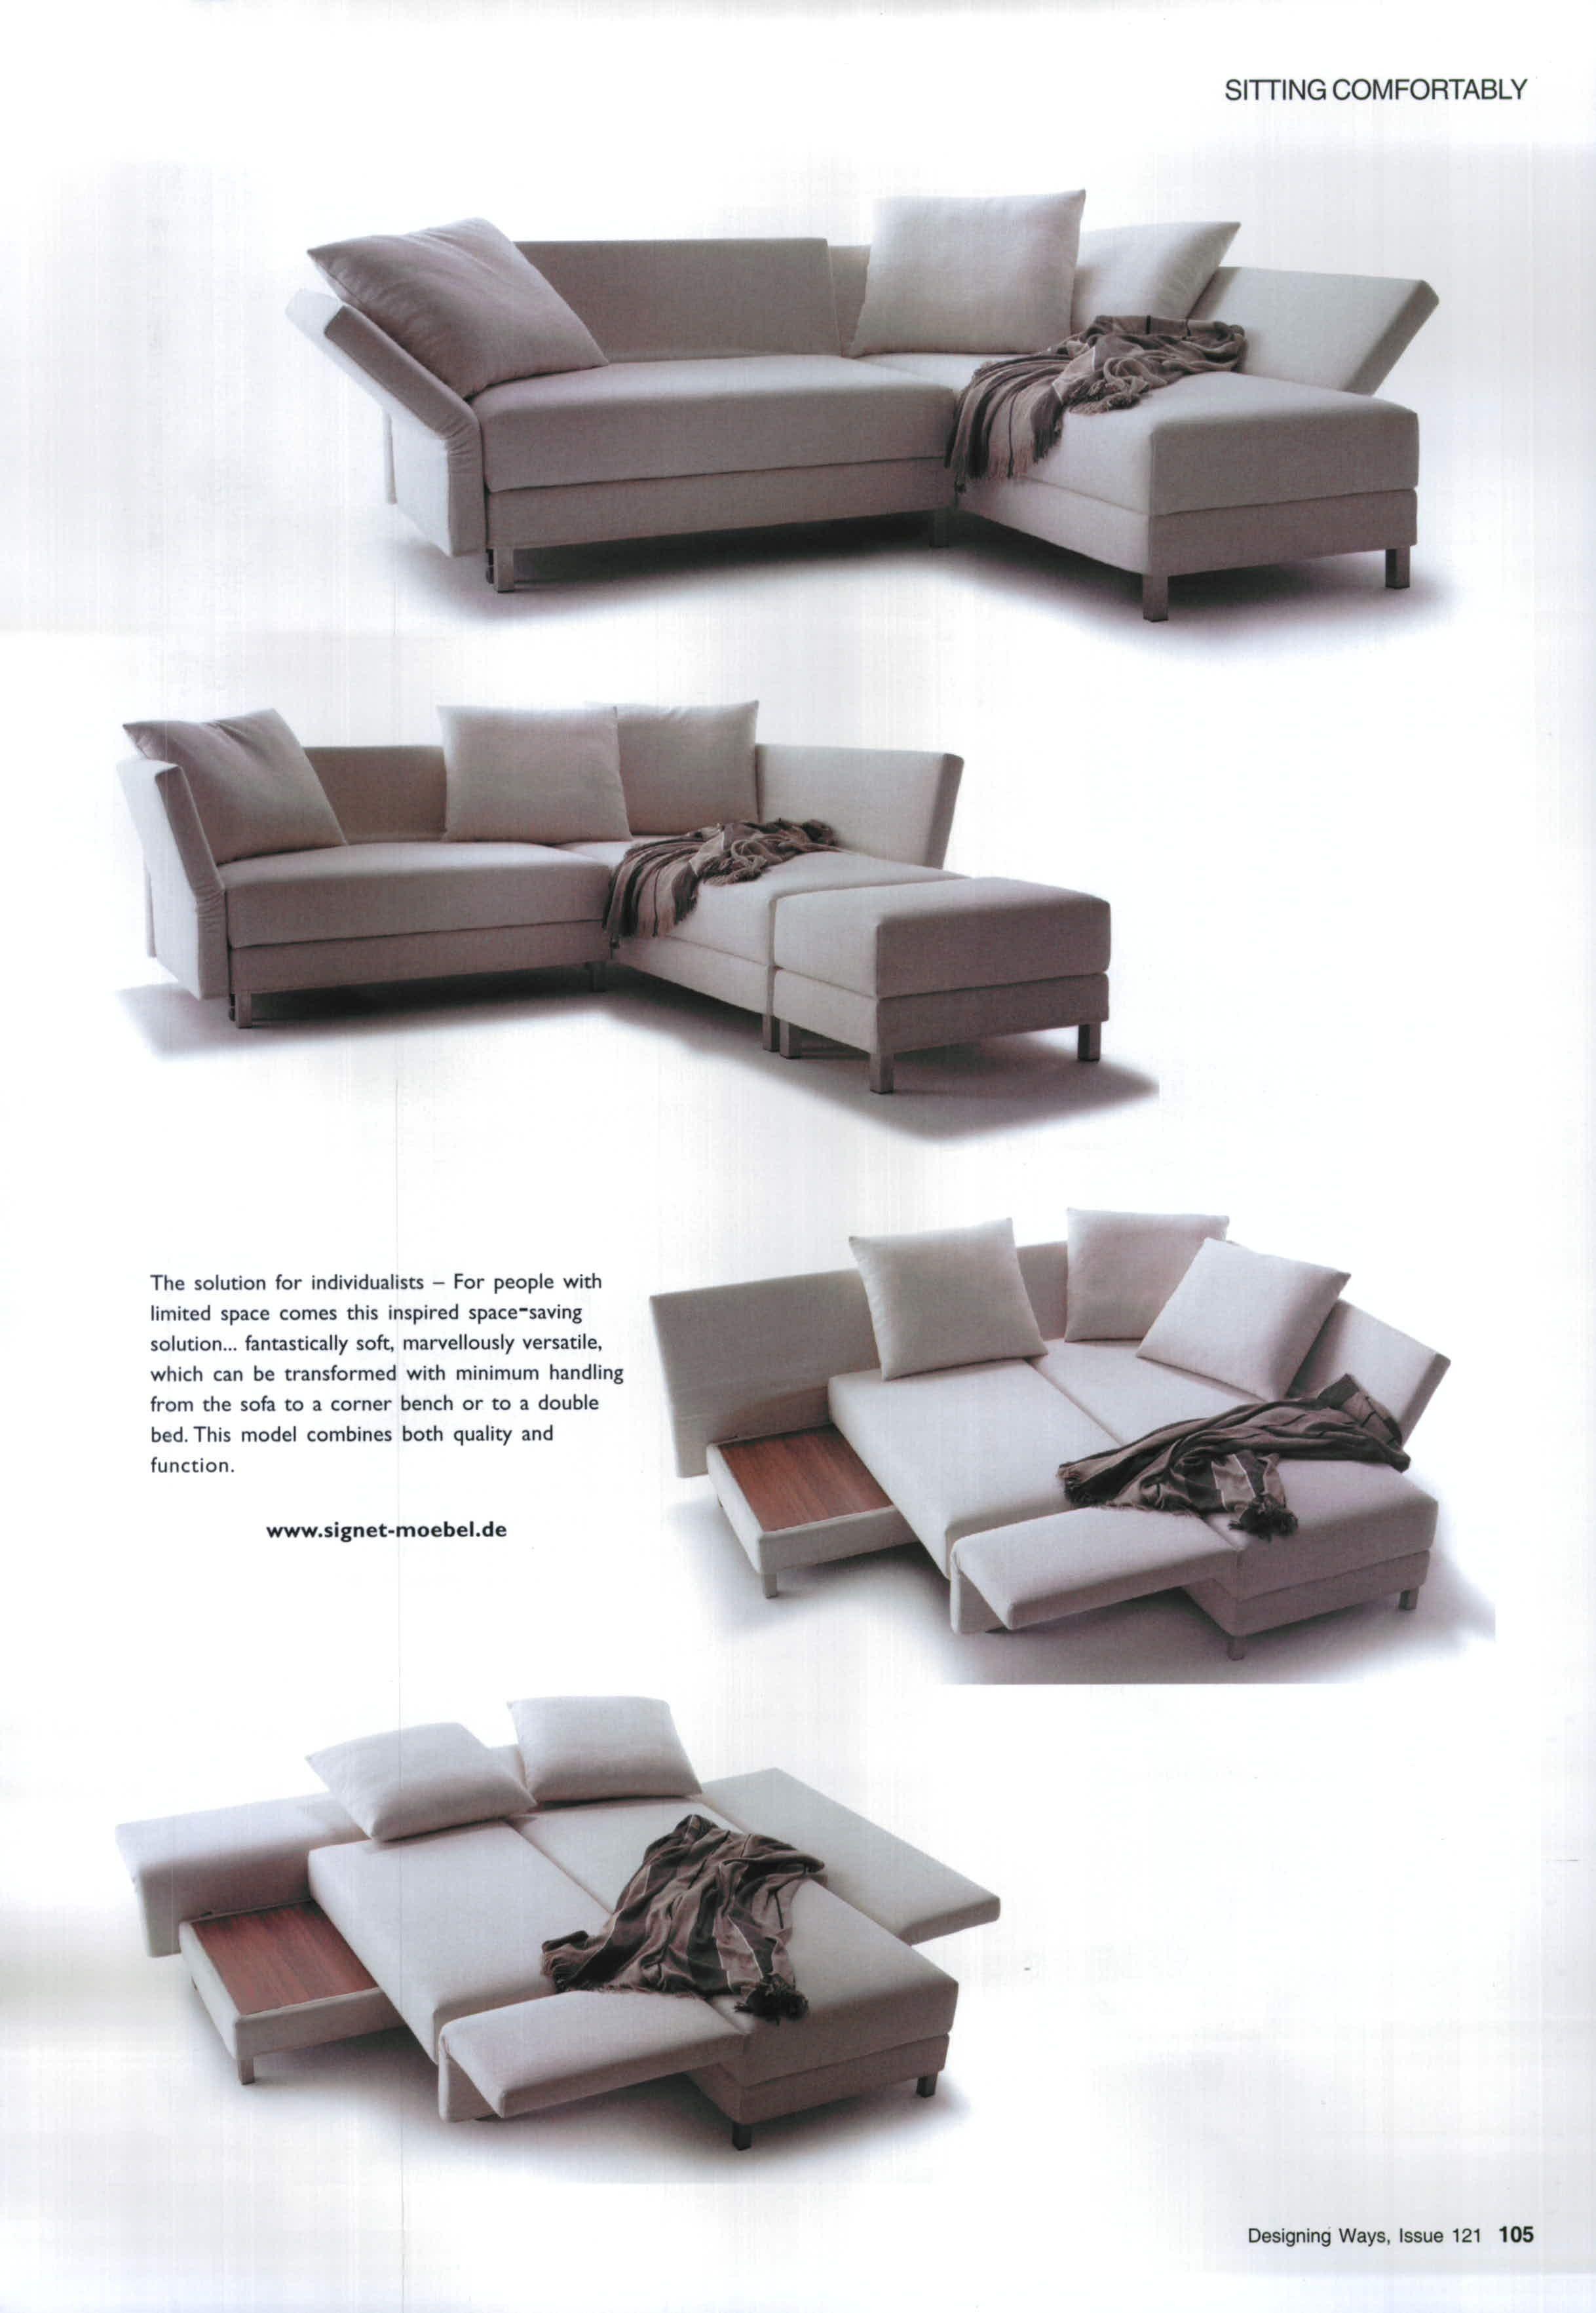 sleeper couch canape litpetit espace de vieespaces